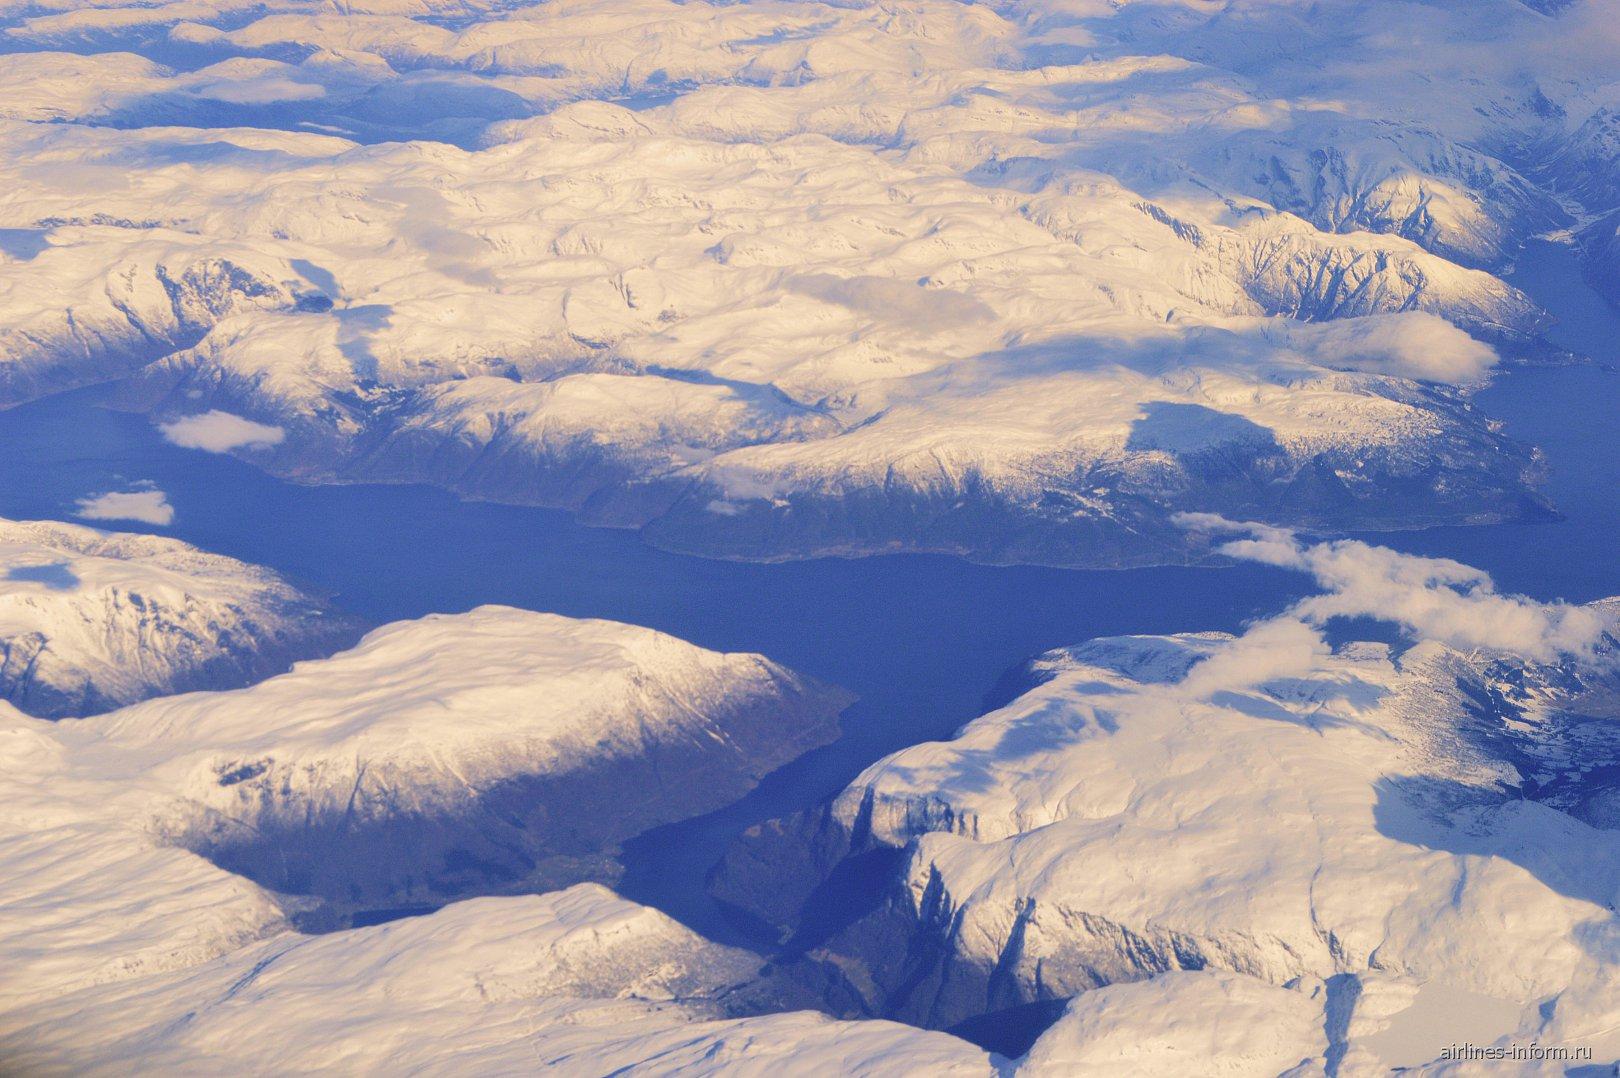 В полете над севером Канады рейсом Москва-Нью-Йорк